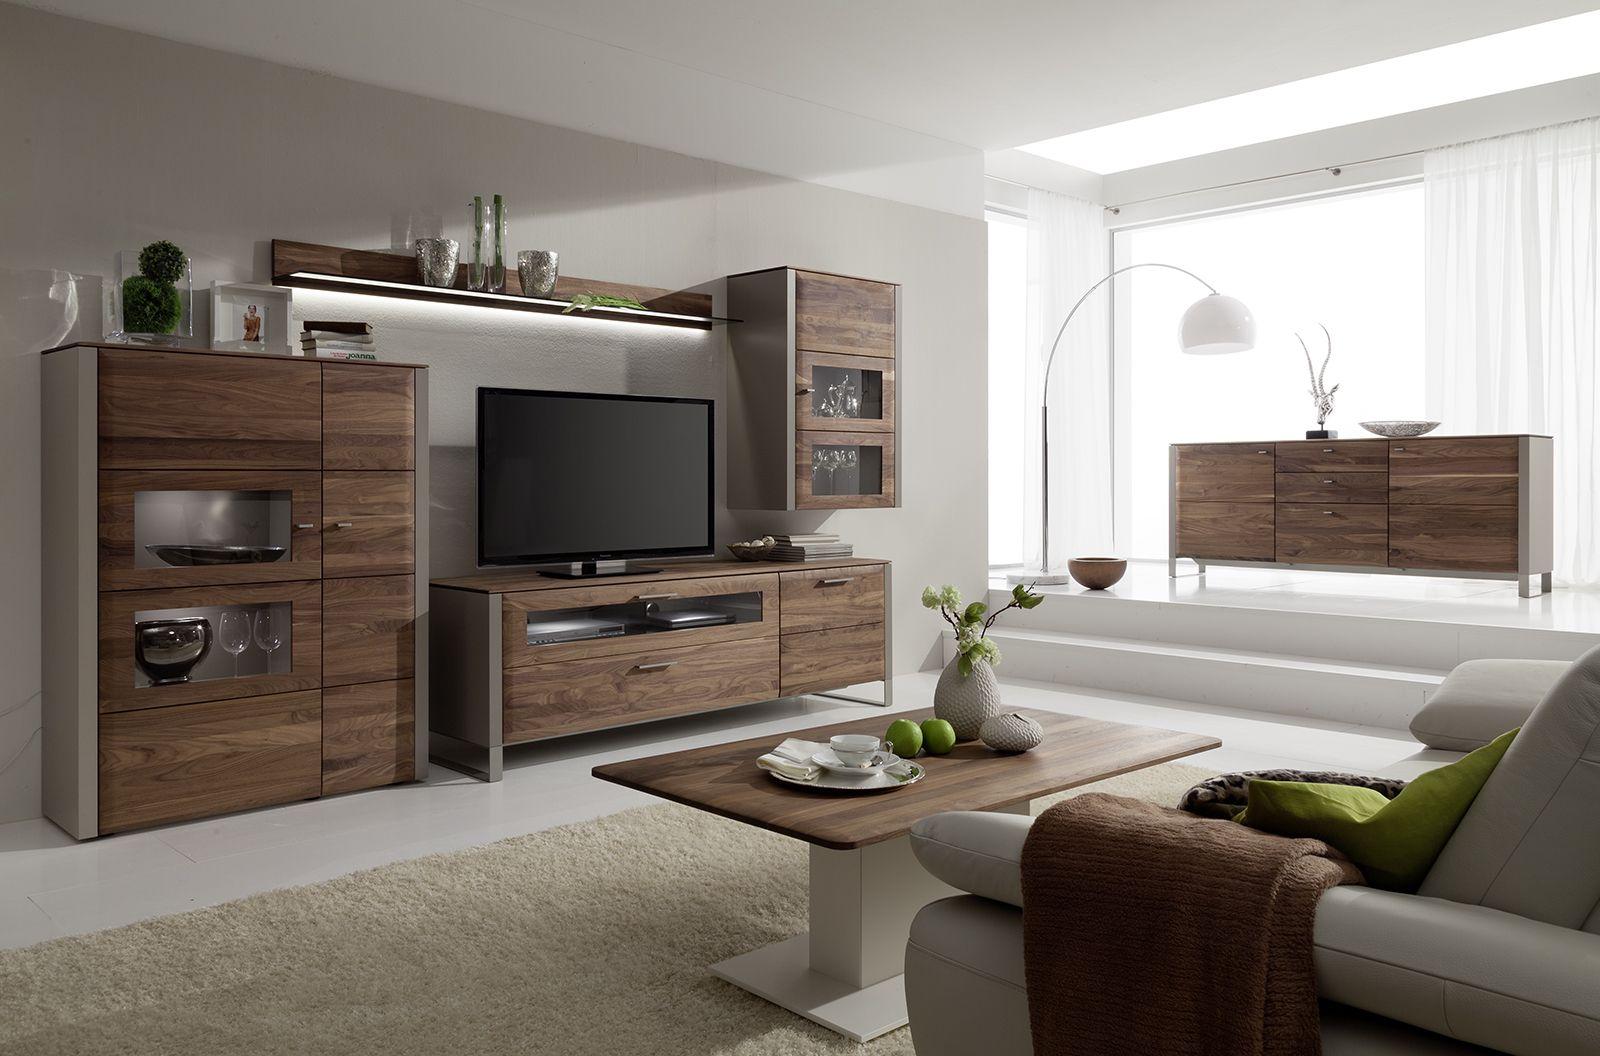 #möbel #madeingermany #furniture #gwinner #wohndesign #design #wohnzimmer  #livingroom Gallery